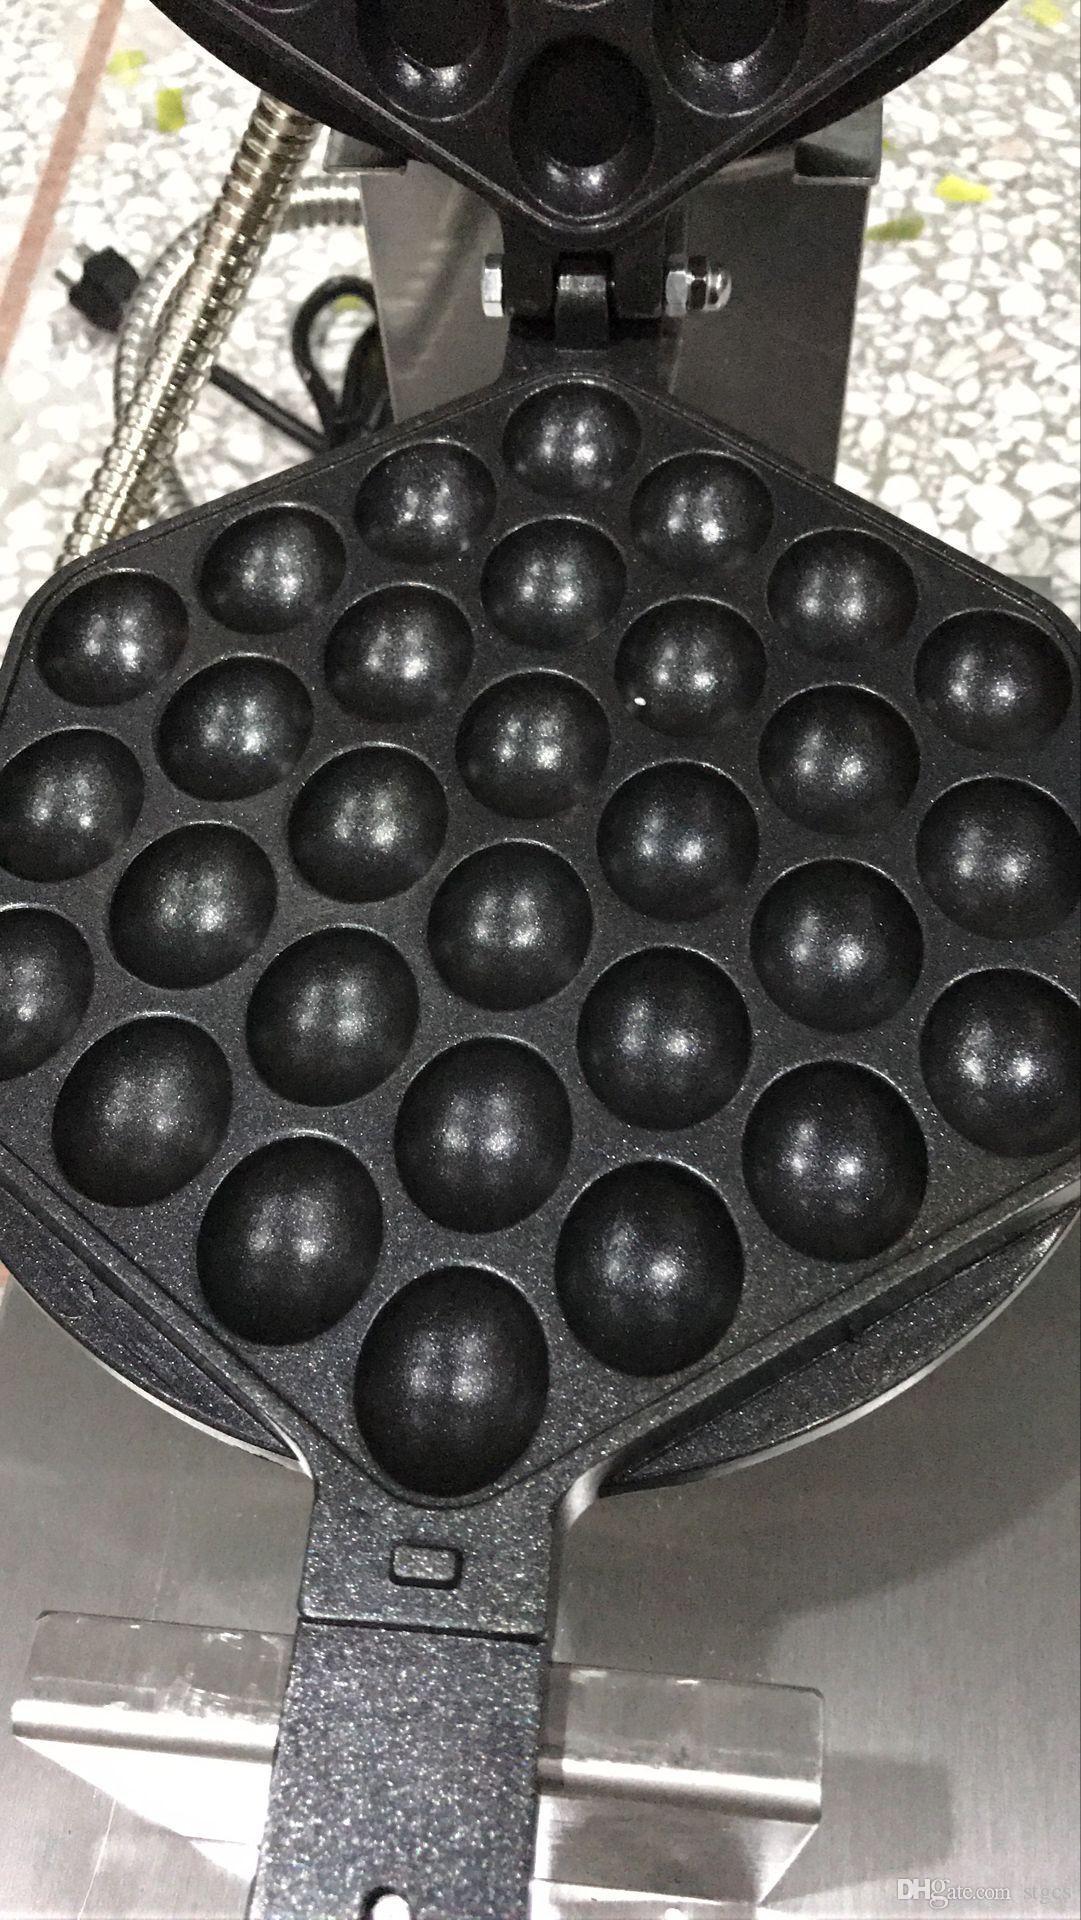 الشحن مجانا الكهربائية 110 فولت 220 فولت فقاعة البيض الهراء صانع هونج كونج الهراء آلة نفث البيض